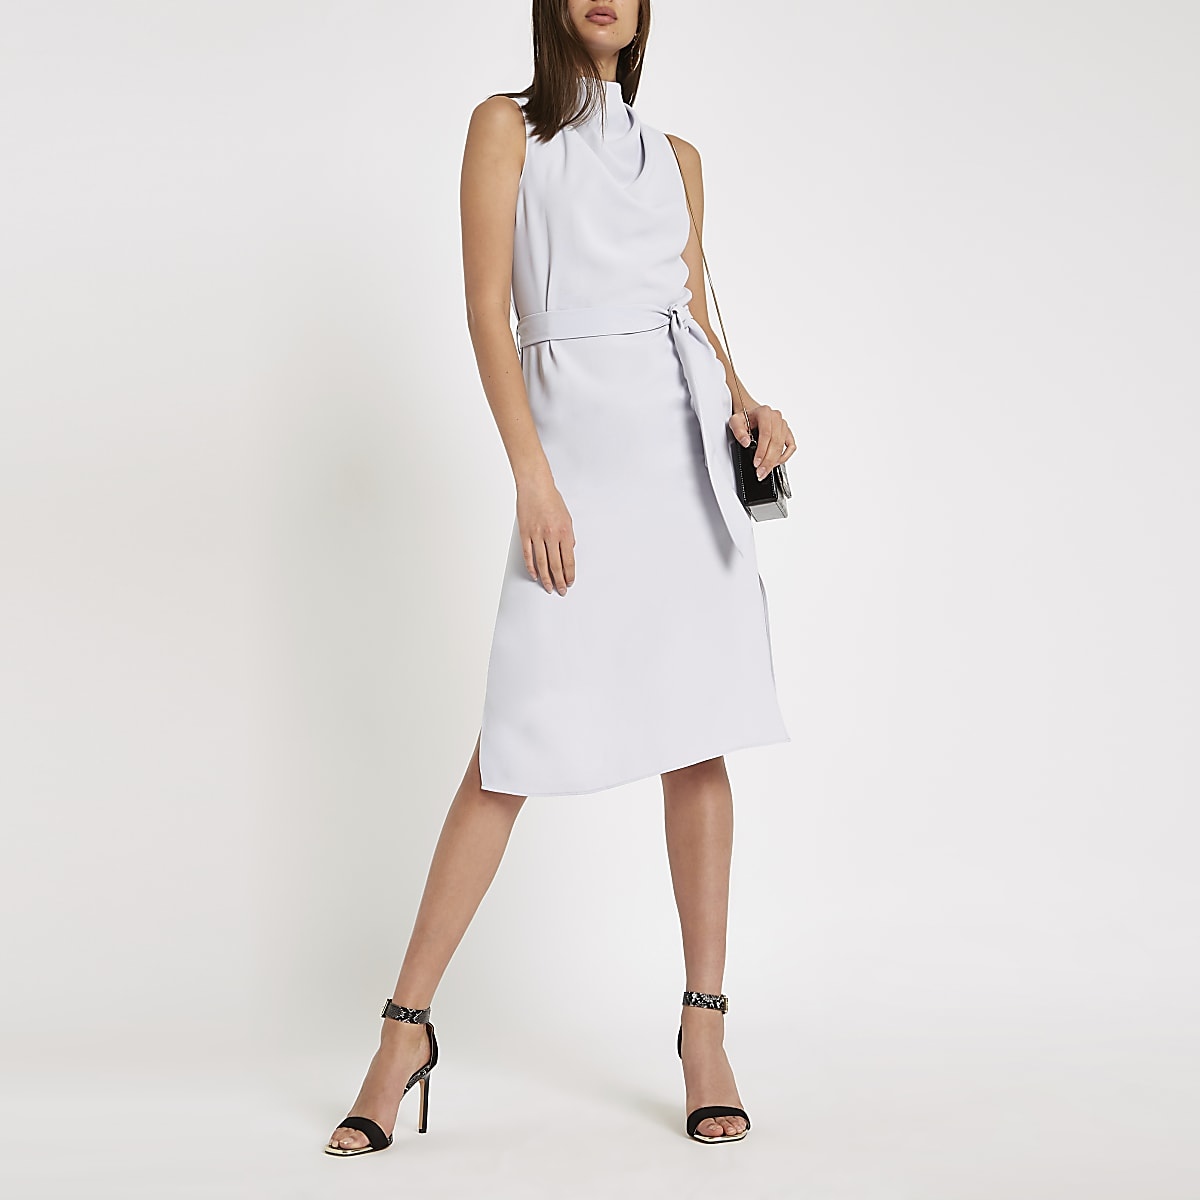 Blue cowl neck tie waist sleeveless dress